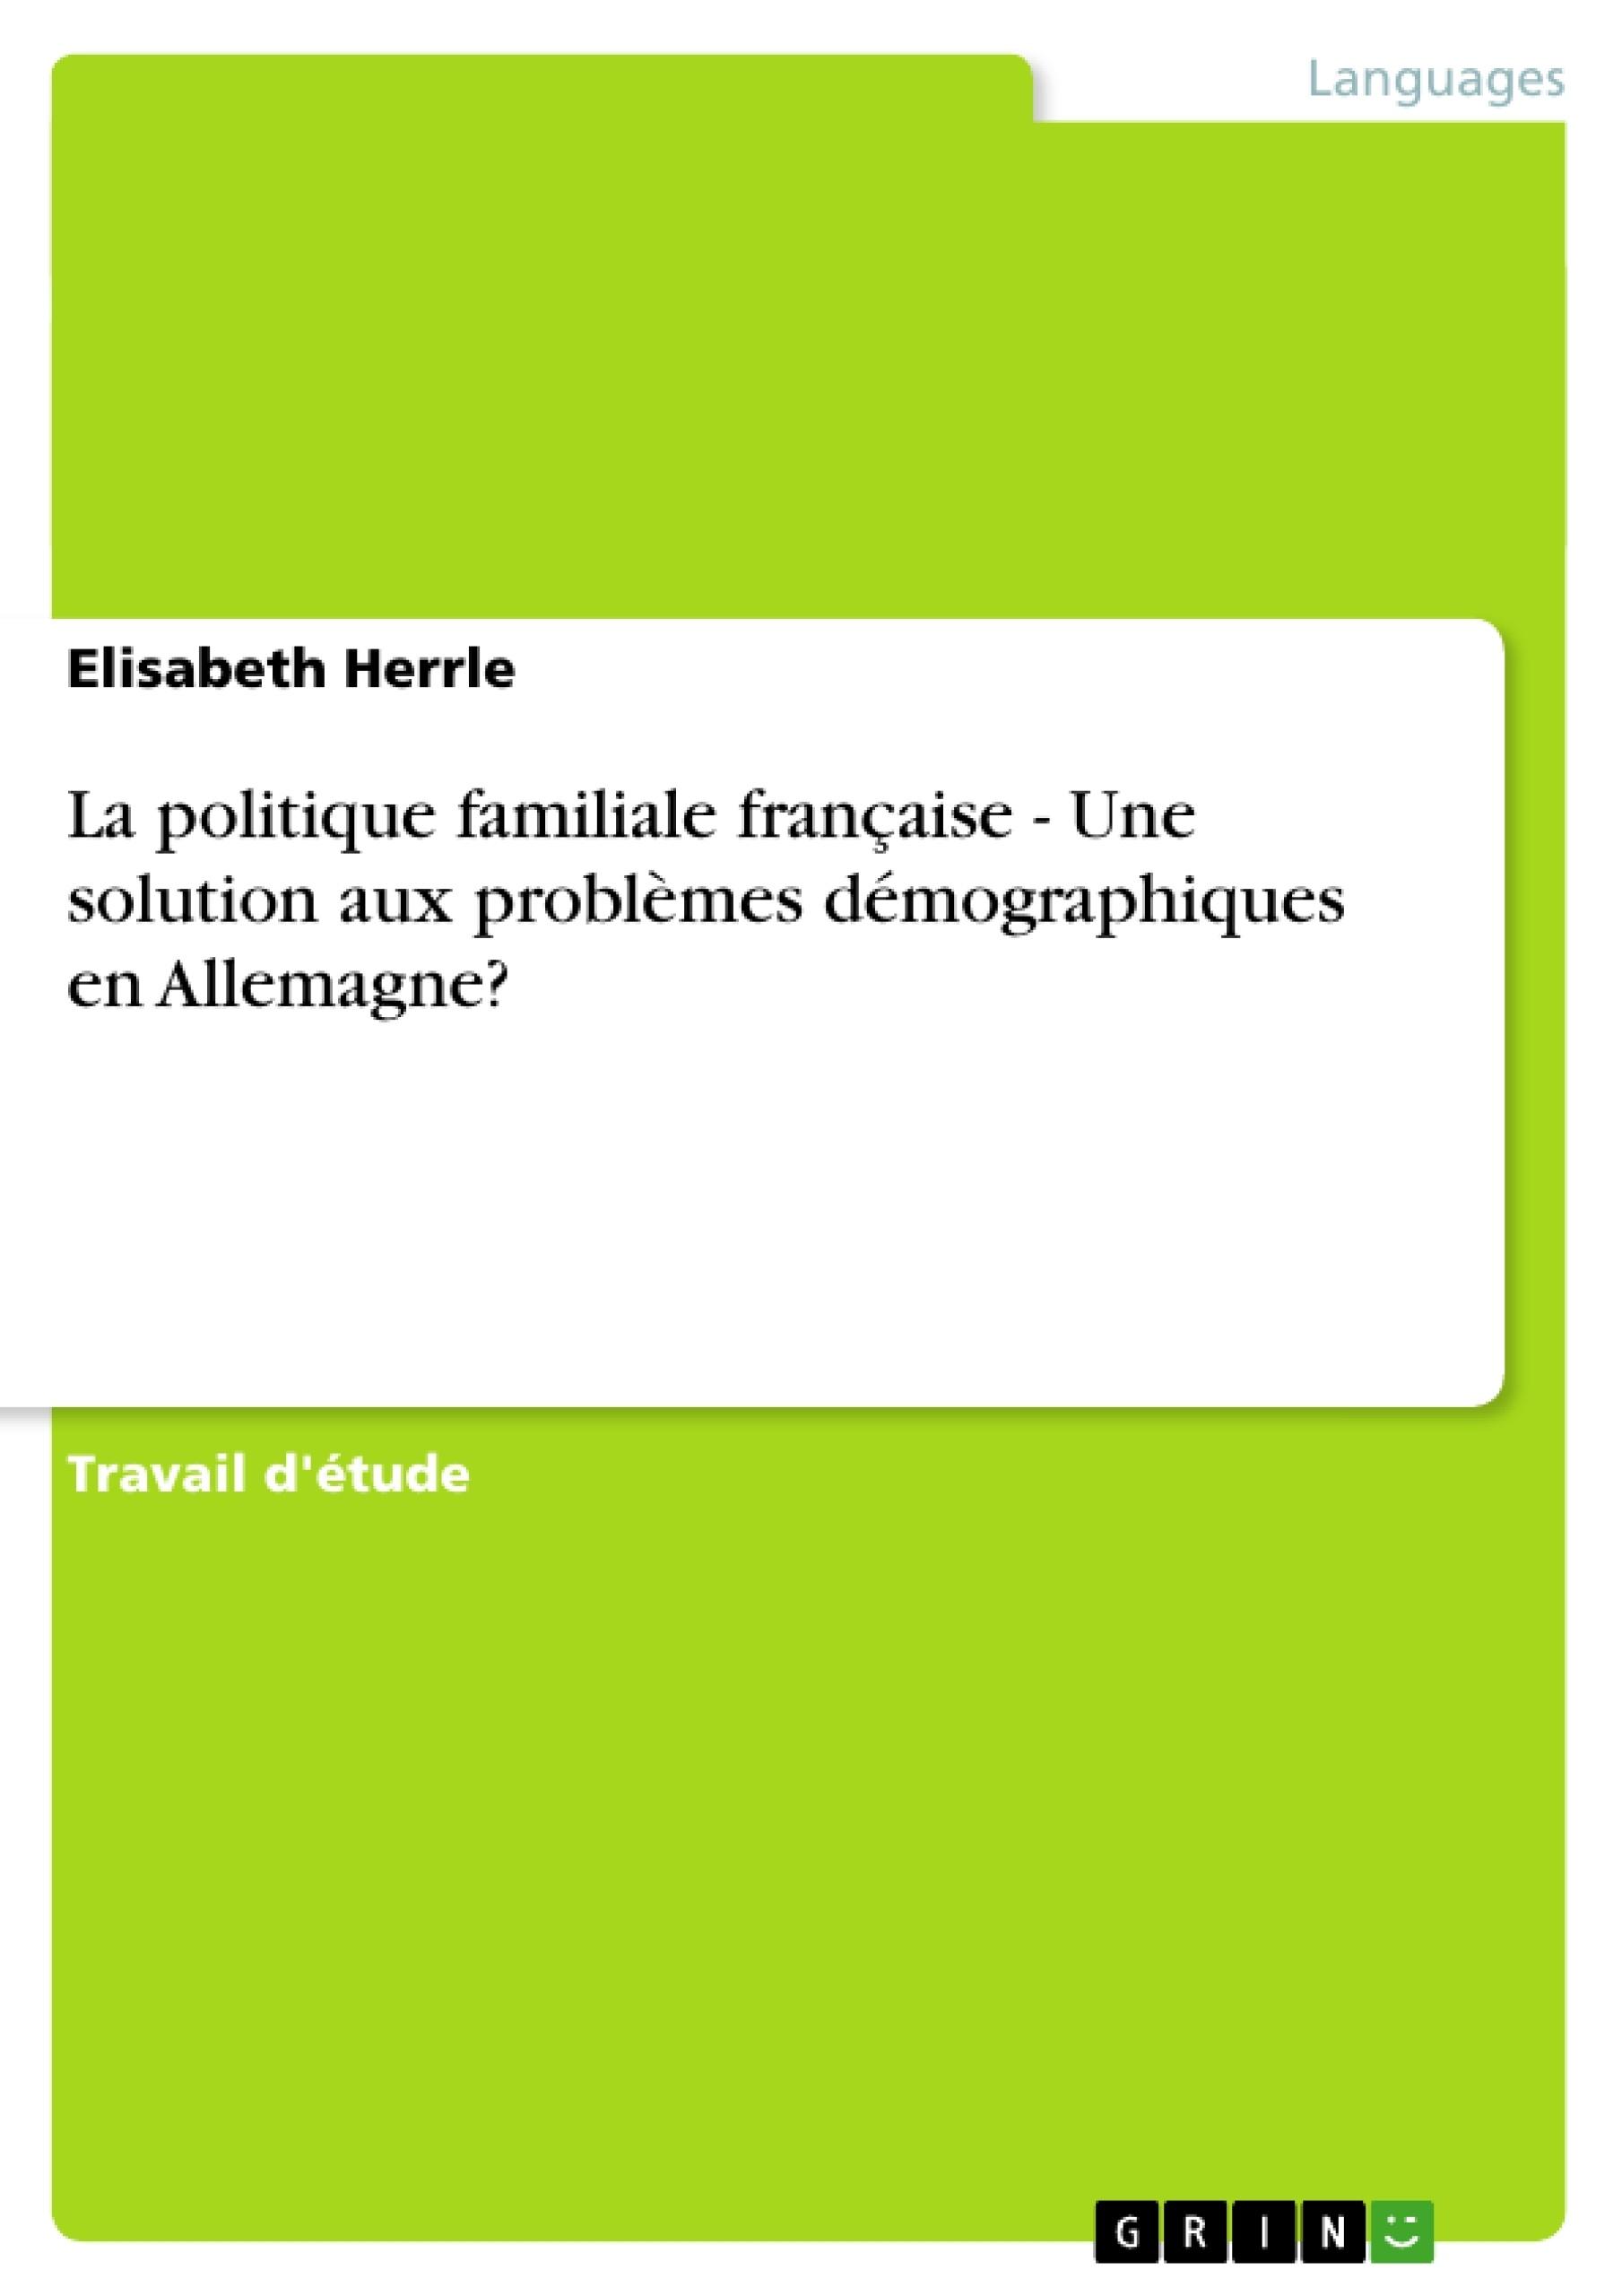 Titre: La politique familiale française - Une solution aux problèmes démographiques en Allemagne?